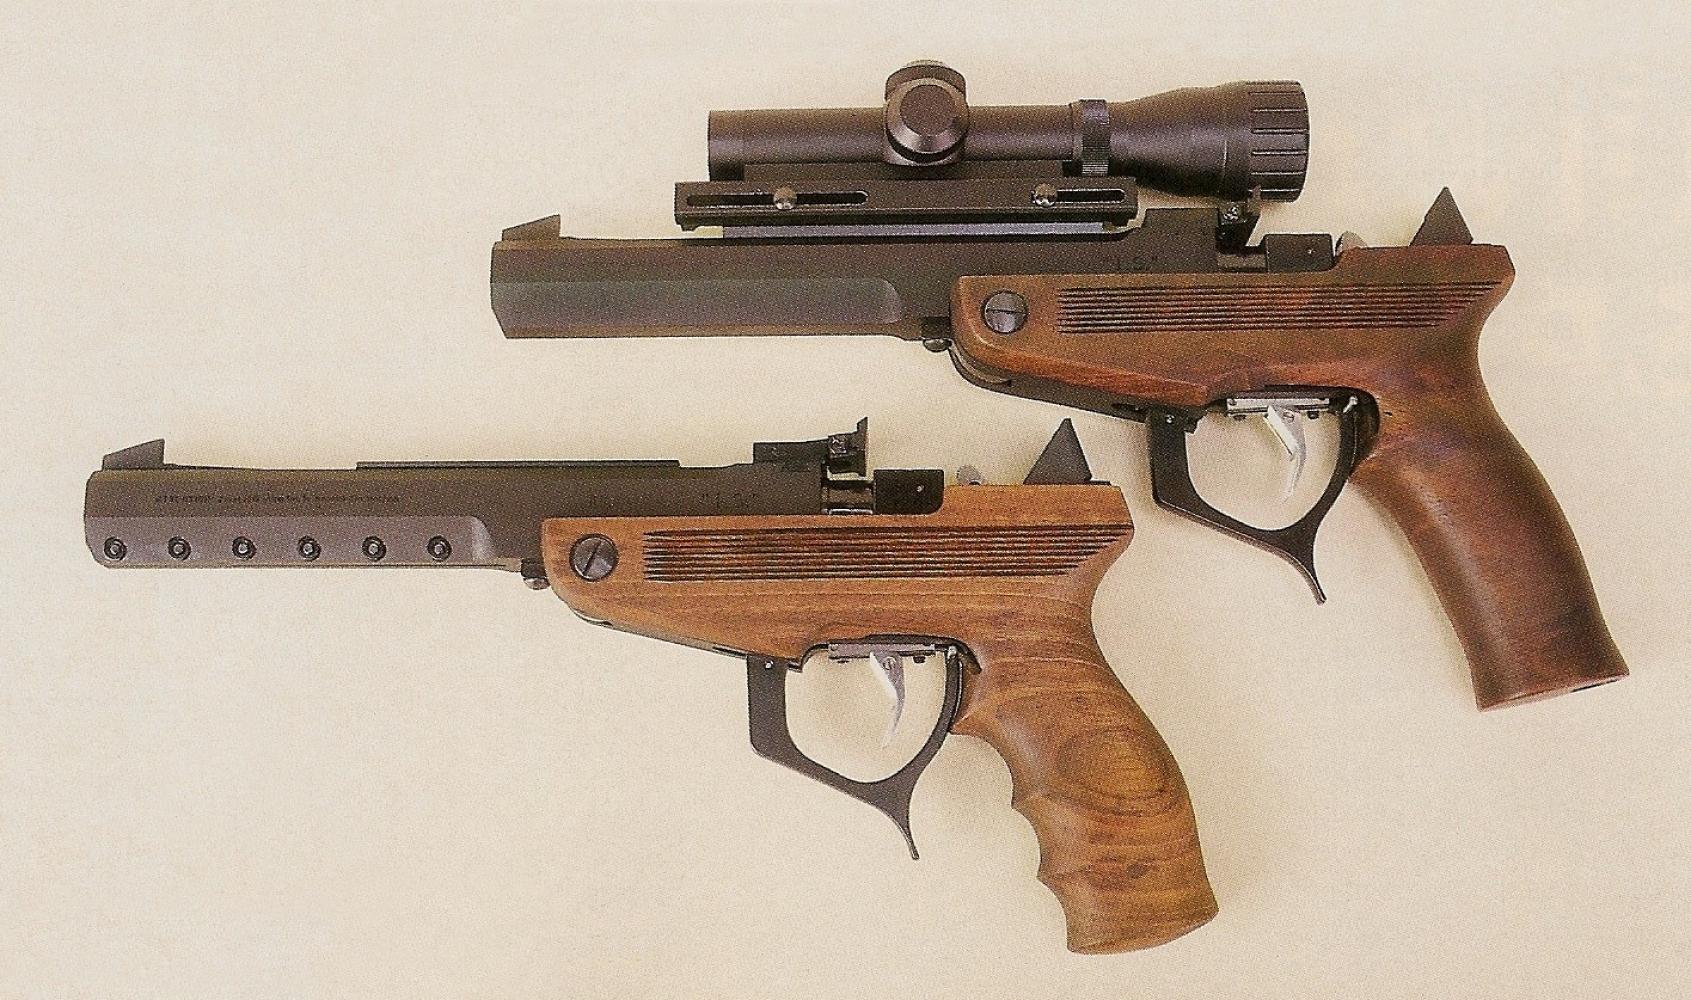 Ce pistolet monocoup destiné au tir sur silhouettes métalliques à longue distance est équipé d'origine d'un rail permettant le montage d'une visée optique.